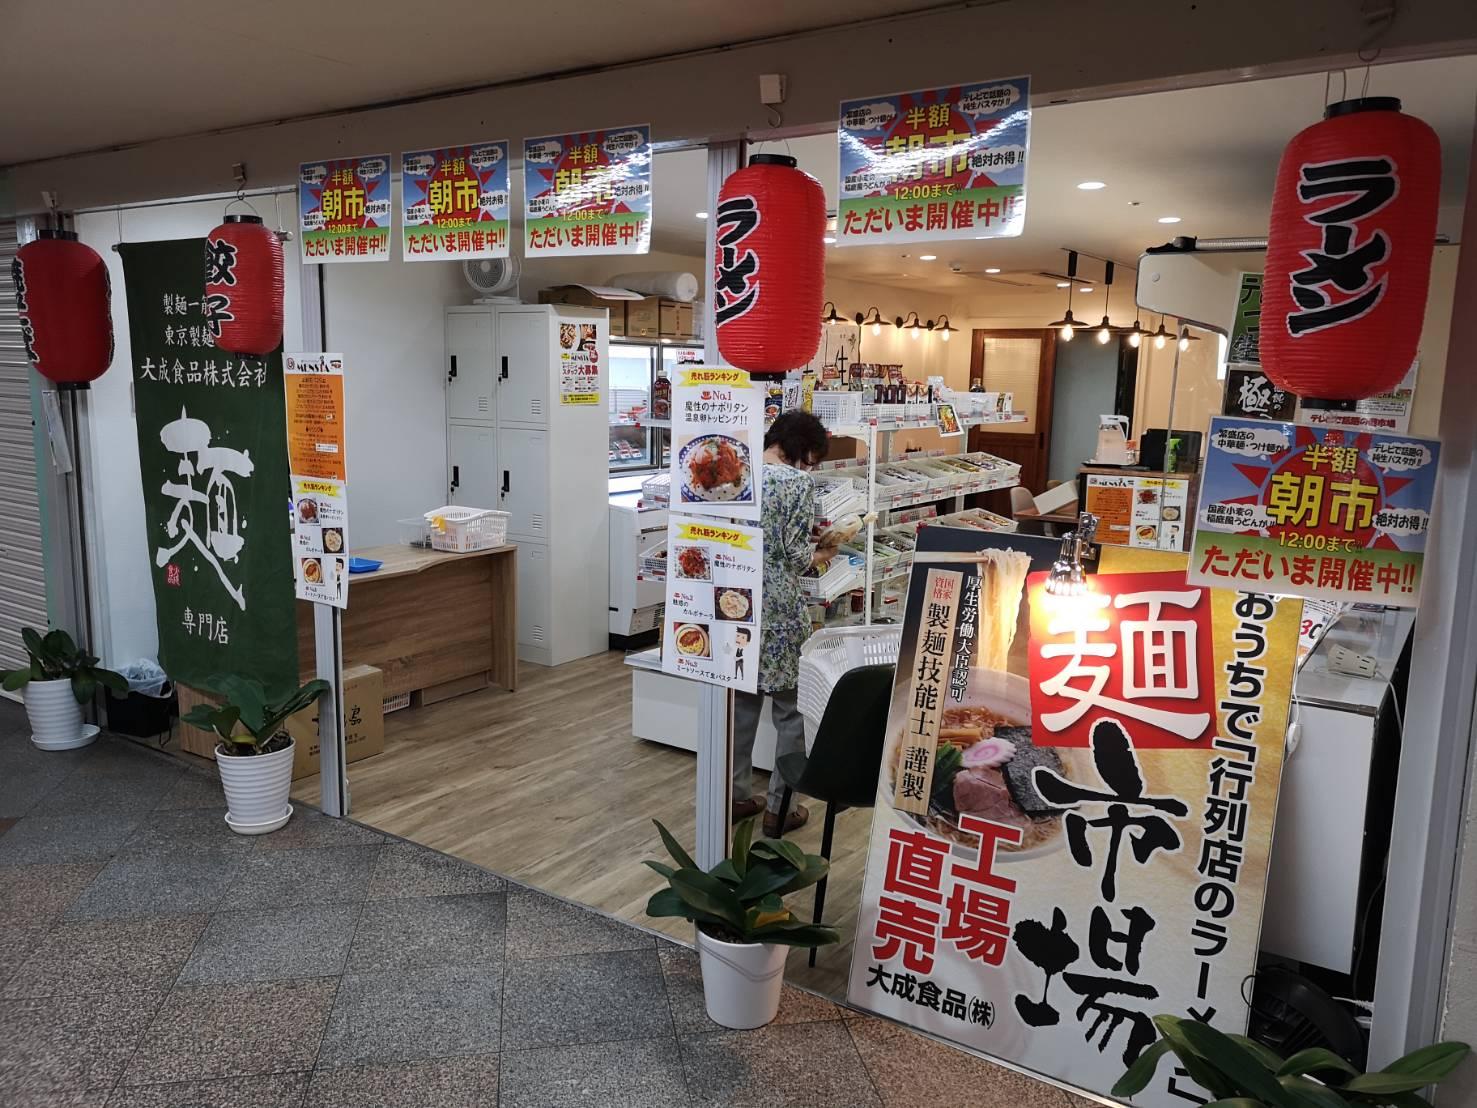 麺テイスティング・カフェショップ MENSTA朝市開催中